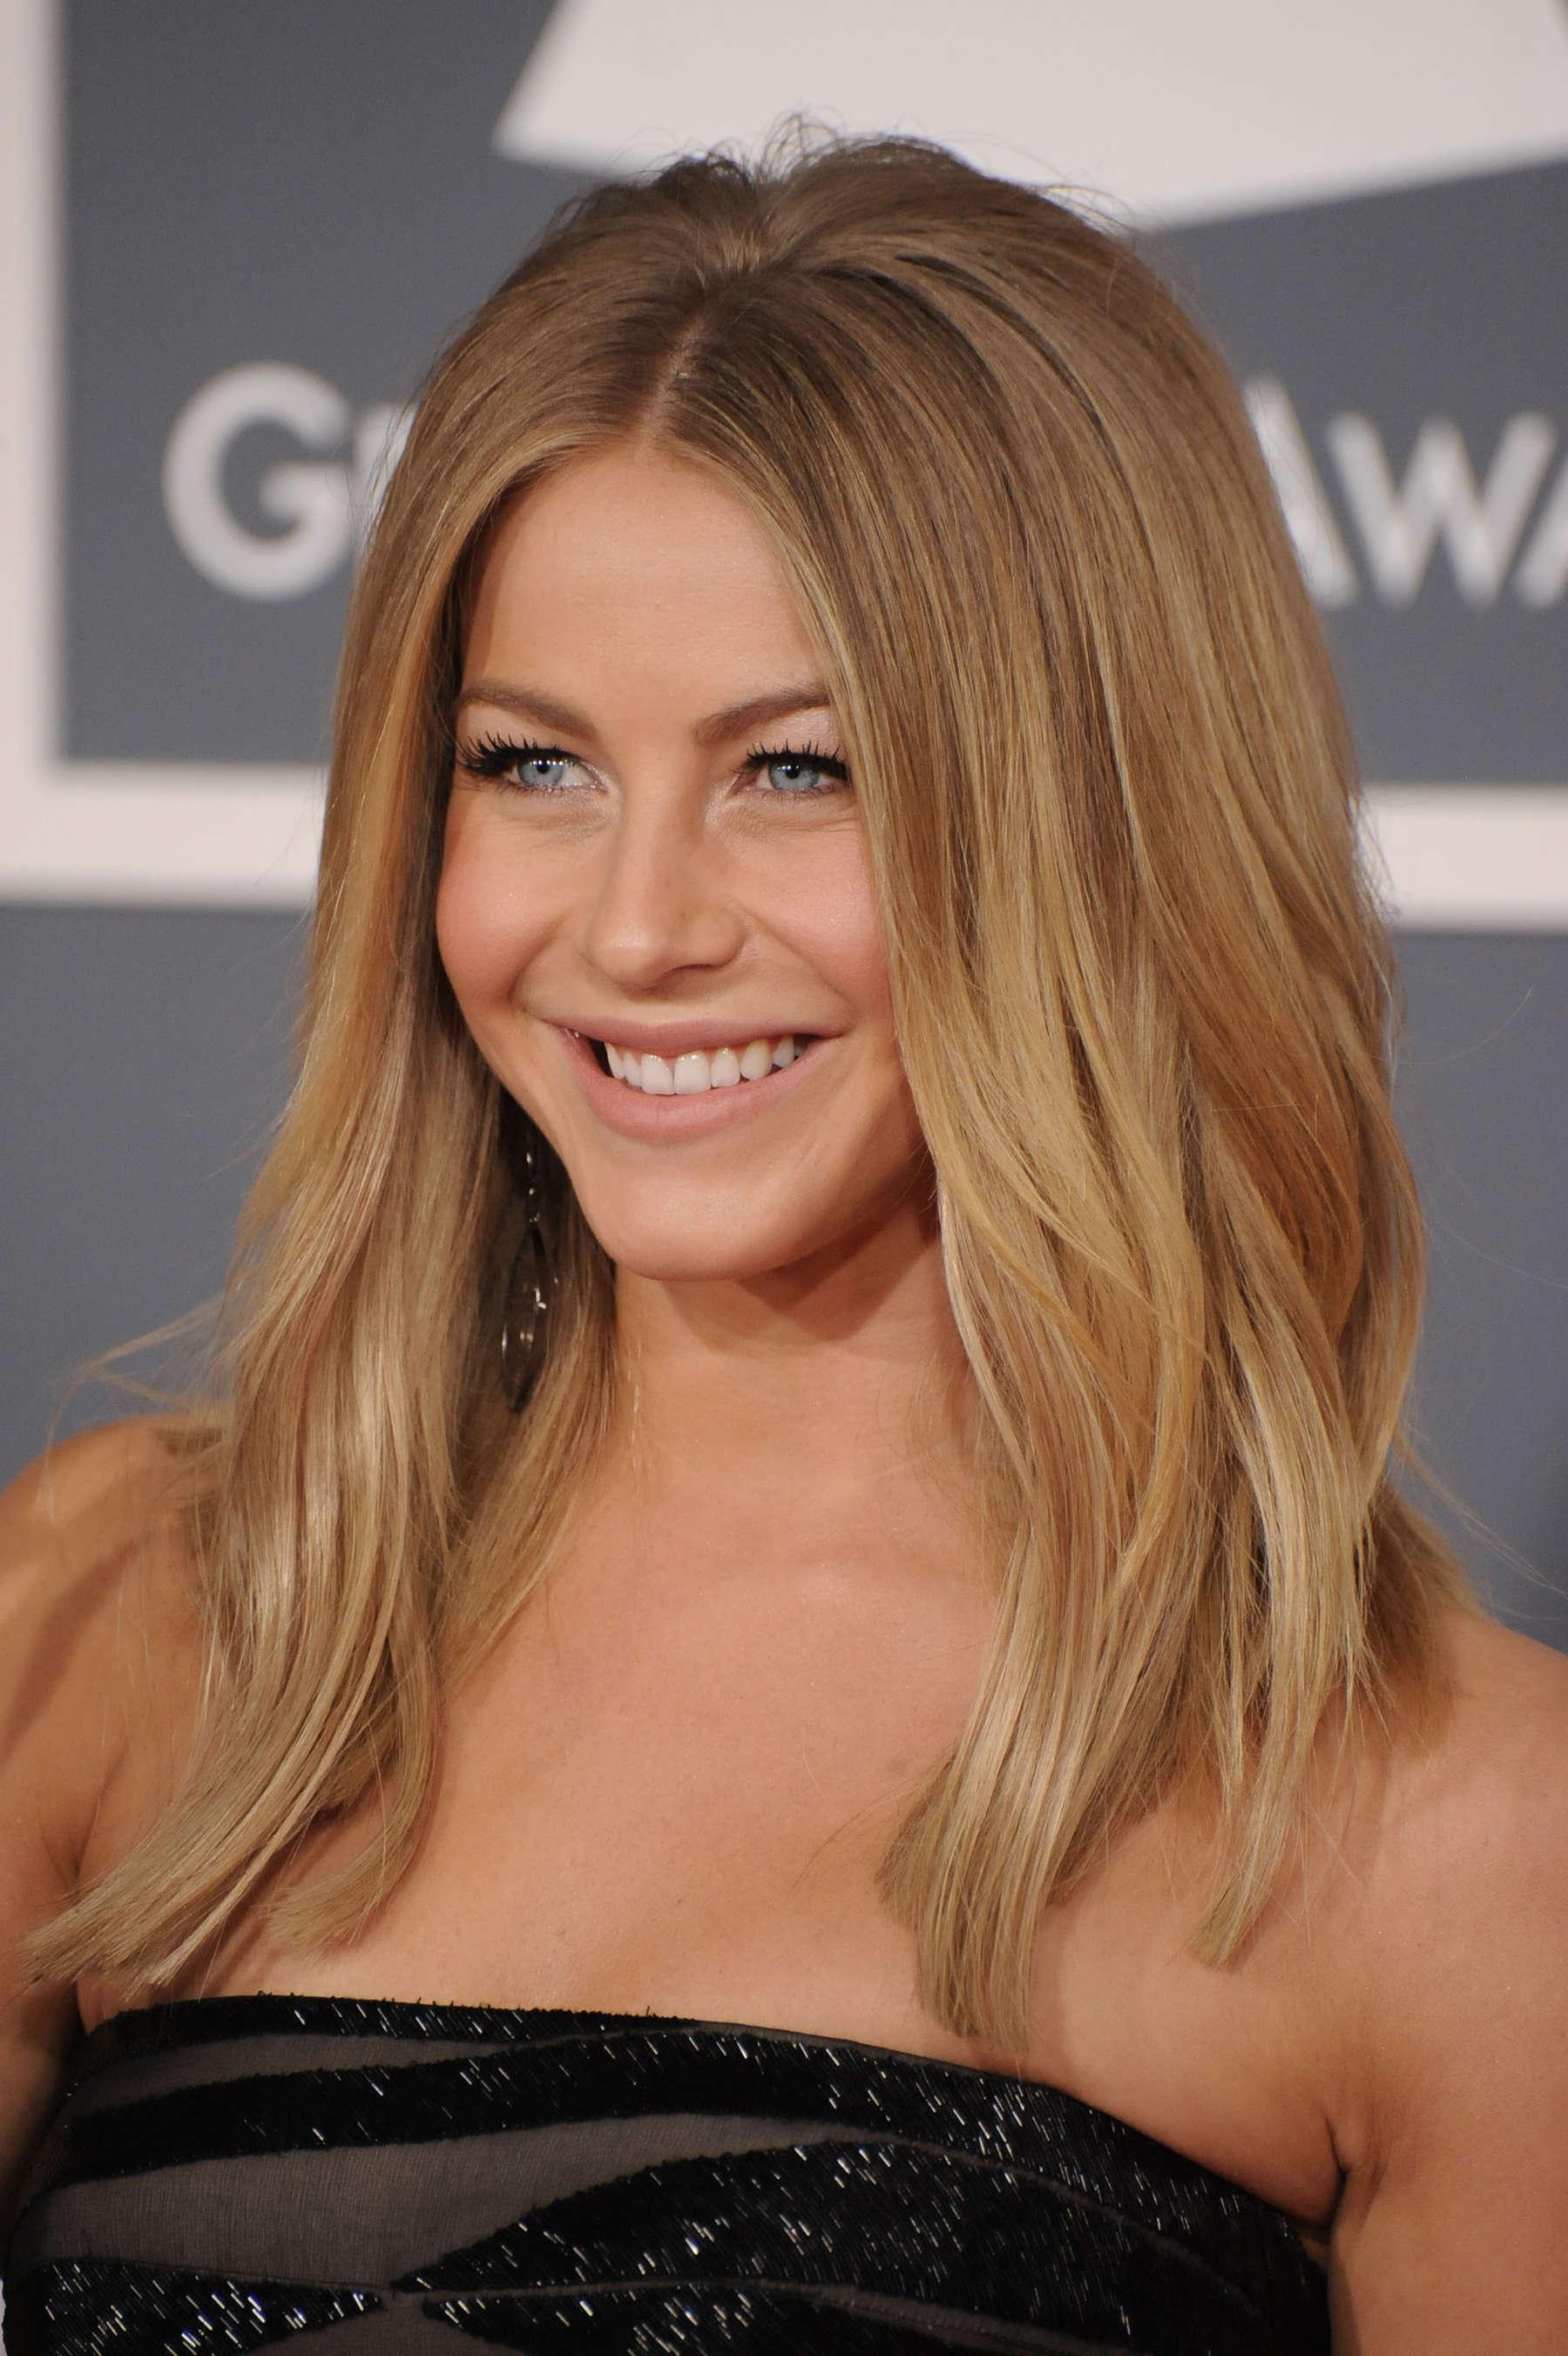 Julianne Hough 2012 Grammy Awards In La Gotceleb